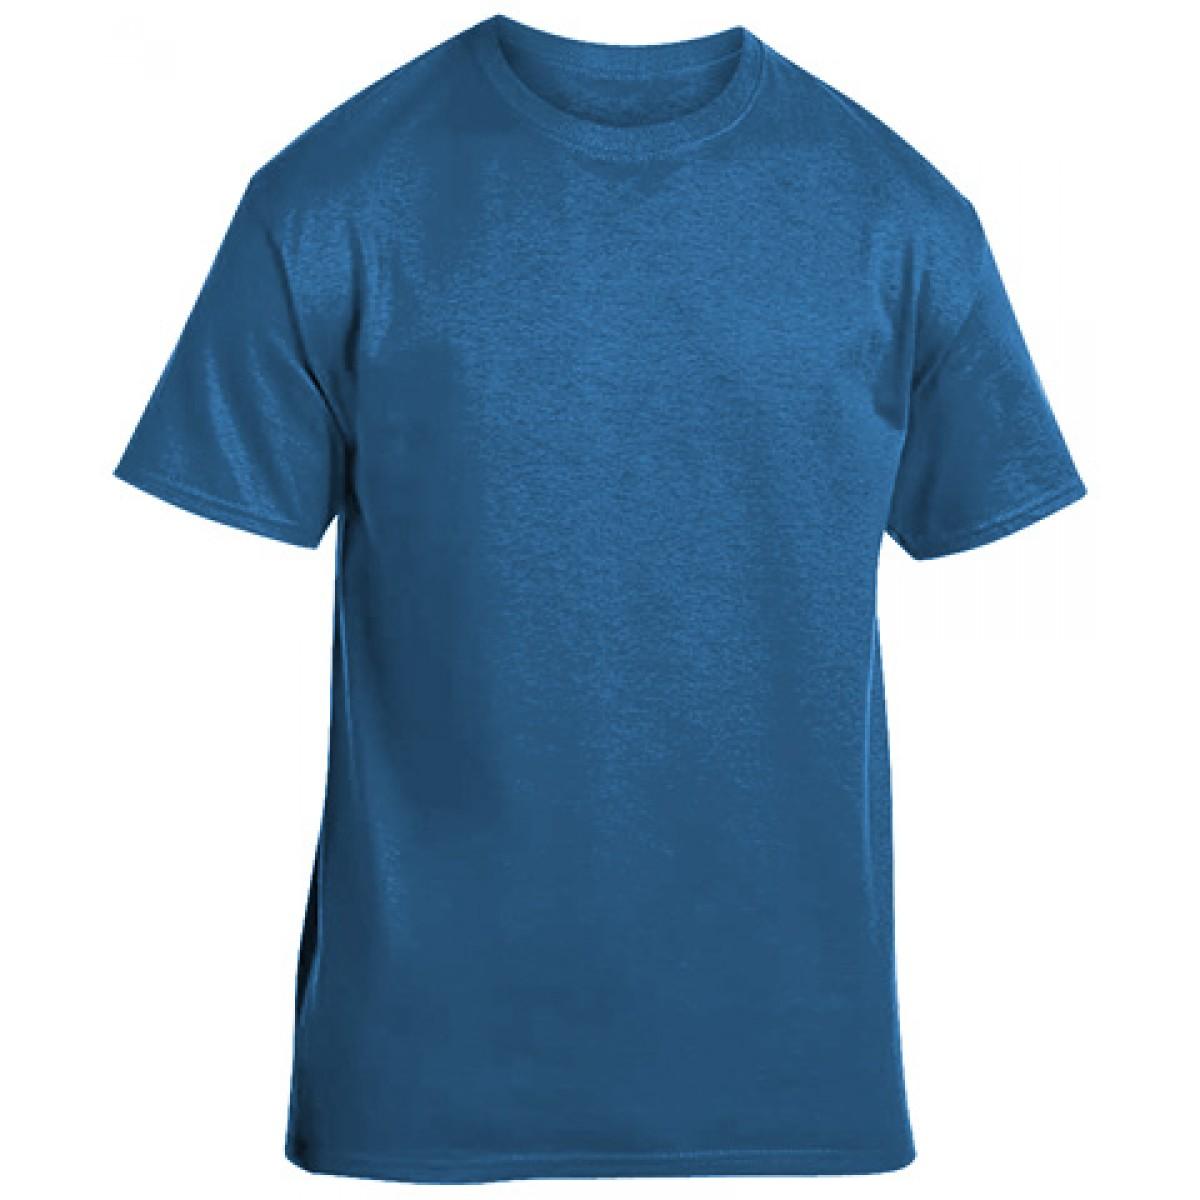 Soft 100% Cotton T-Shirt-Sapphire-3XL